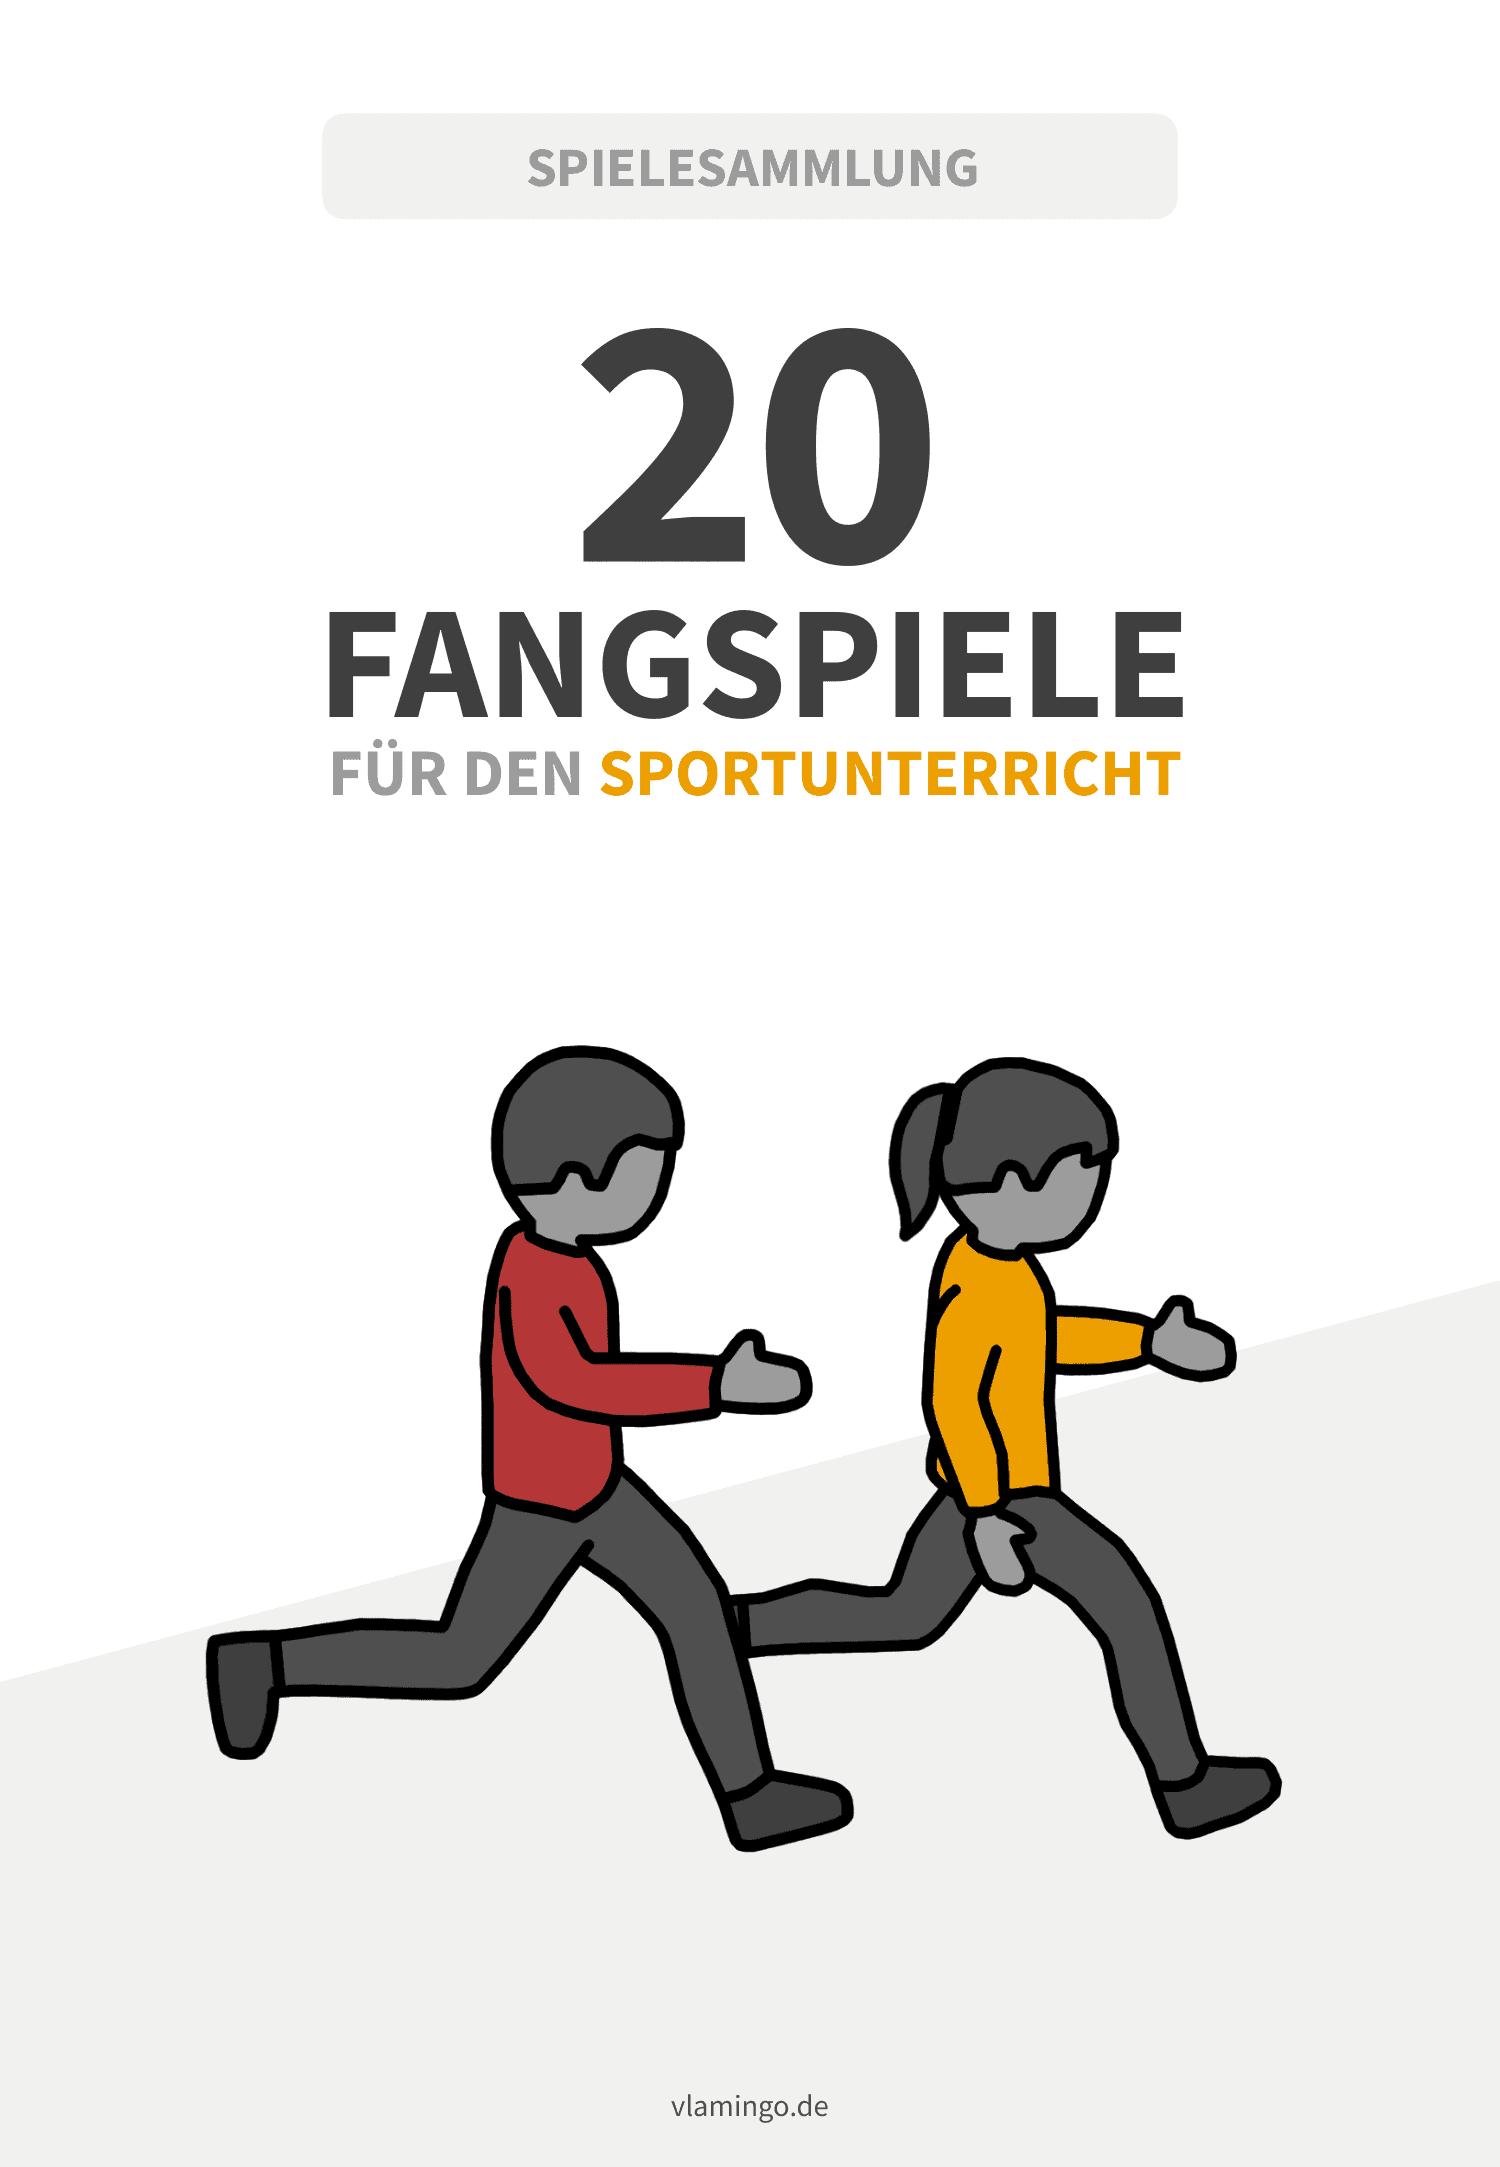 20 Fangspiele für den Sportunterricht